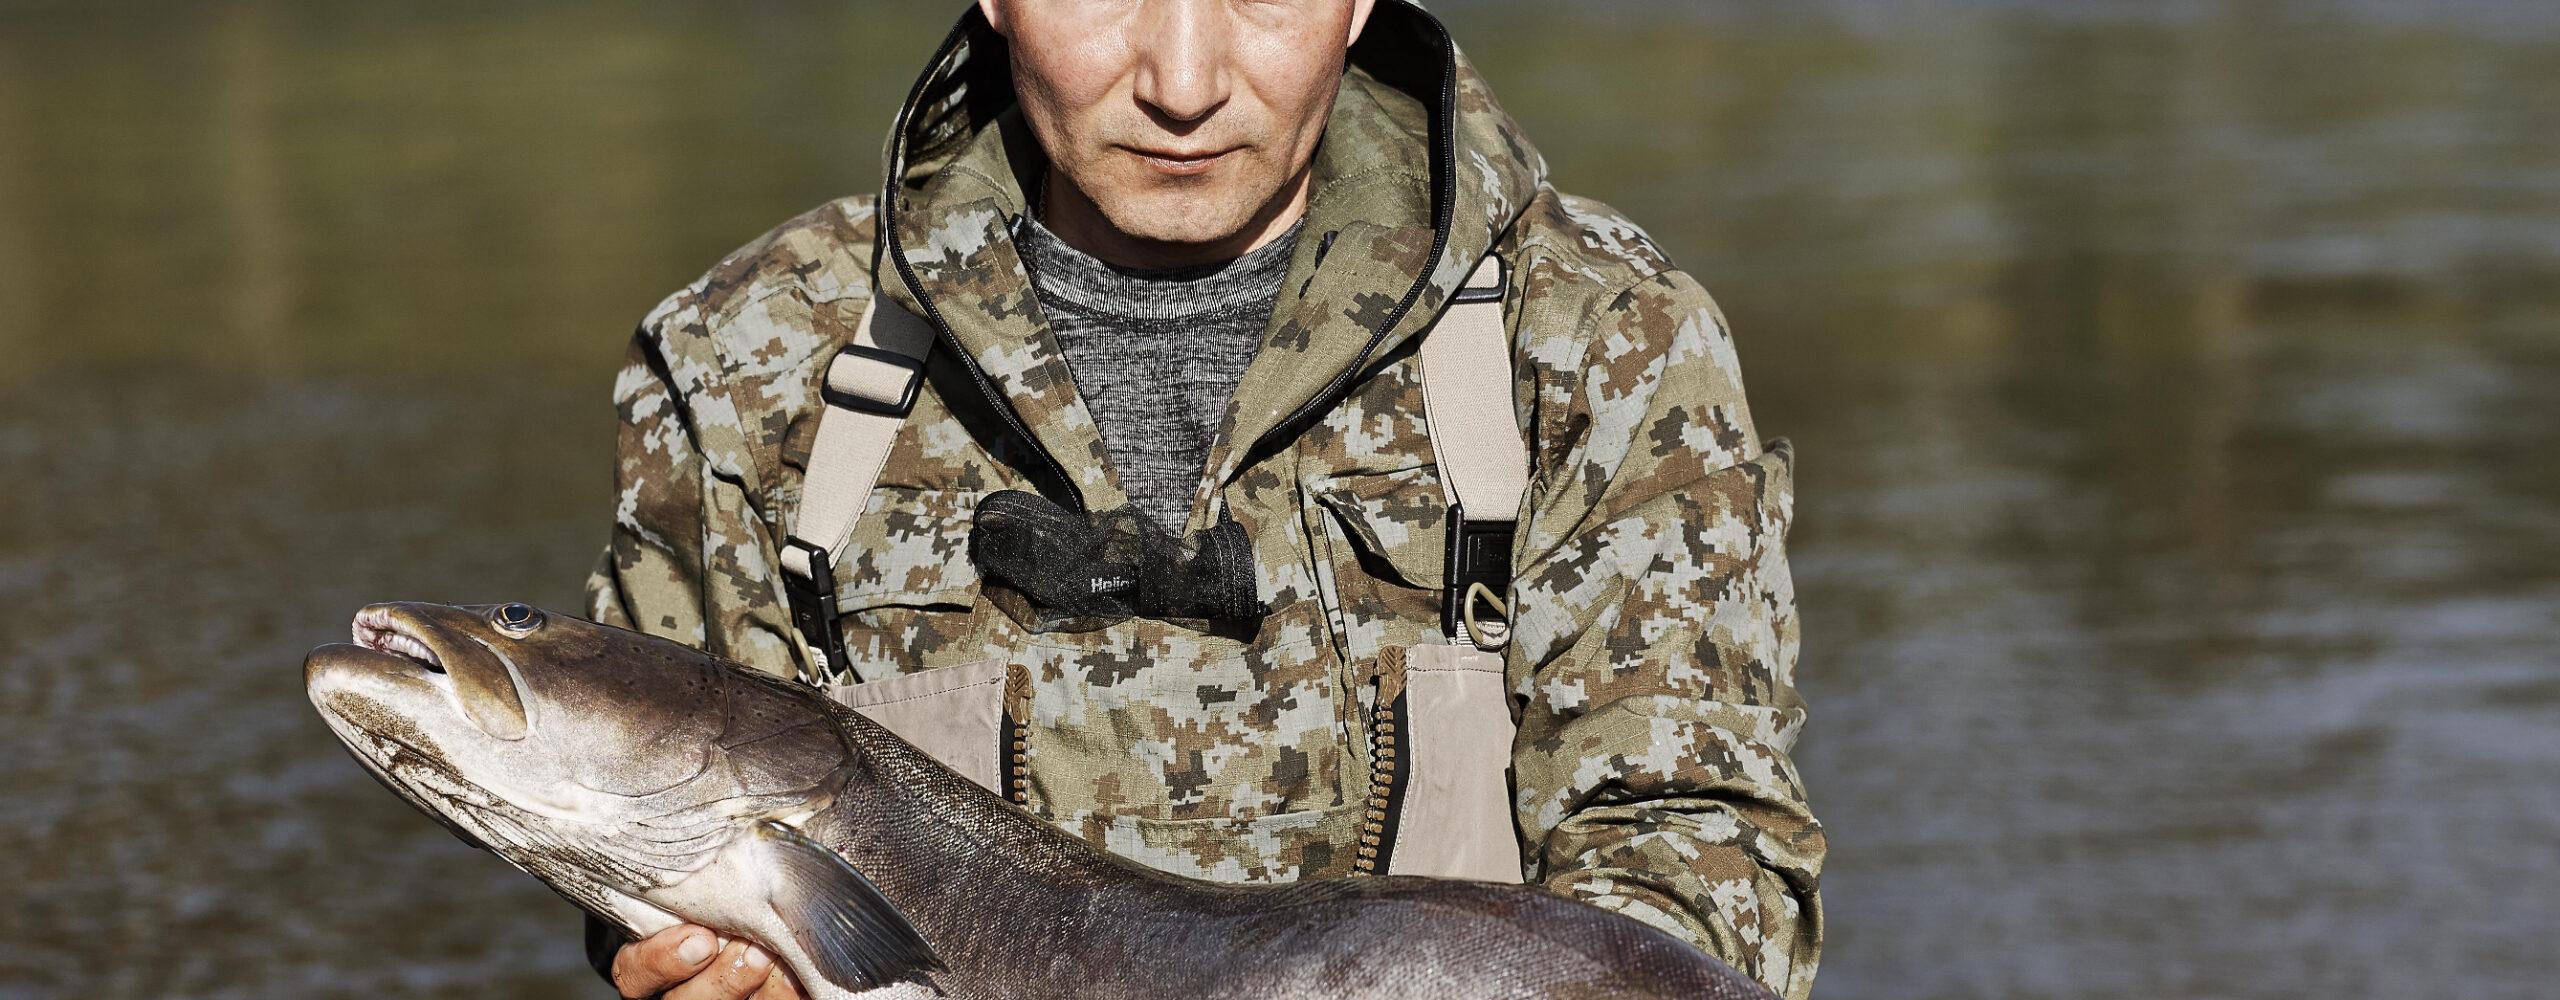 Красоты Якутии. Рыбалка наВилюе. Часть 4.